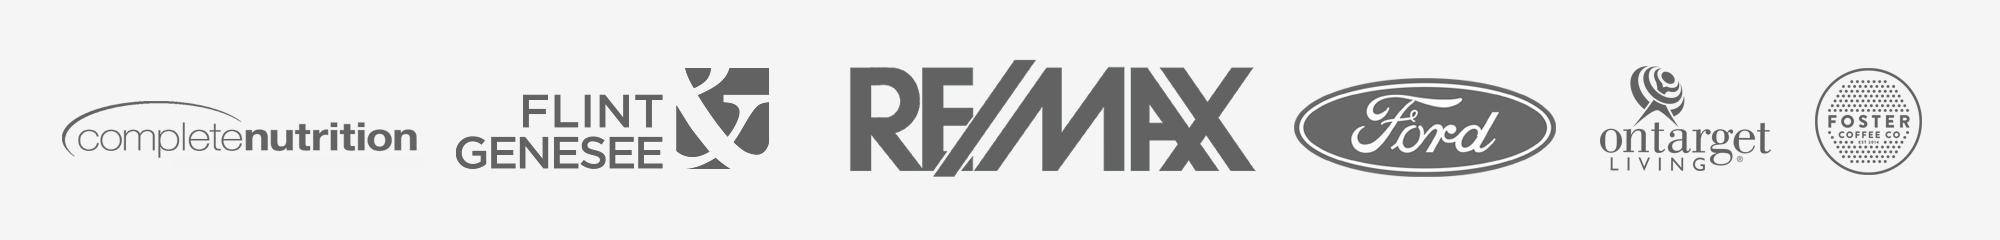 Website Logos 1.jpg